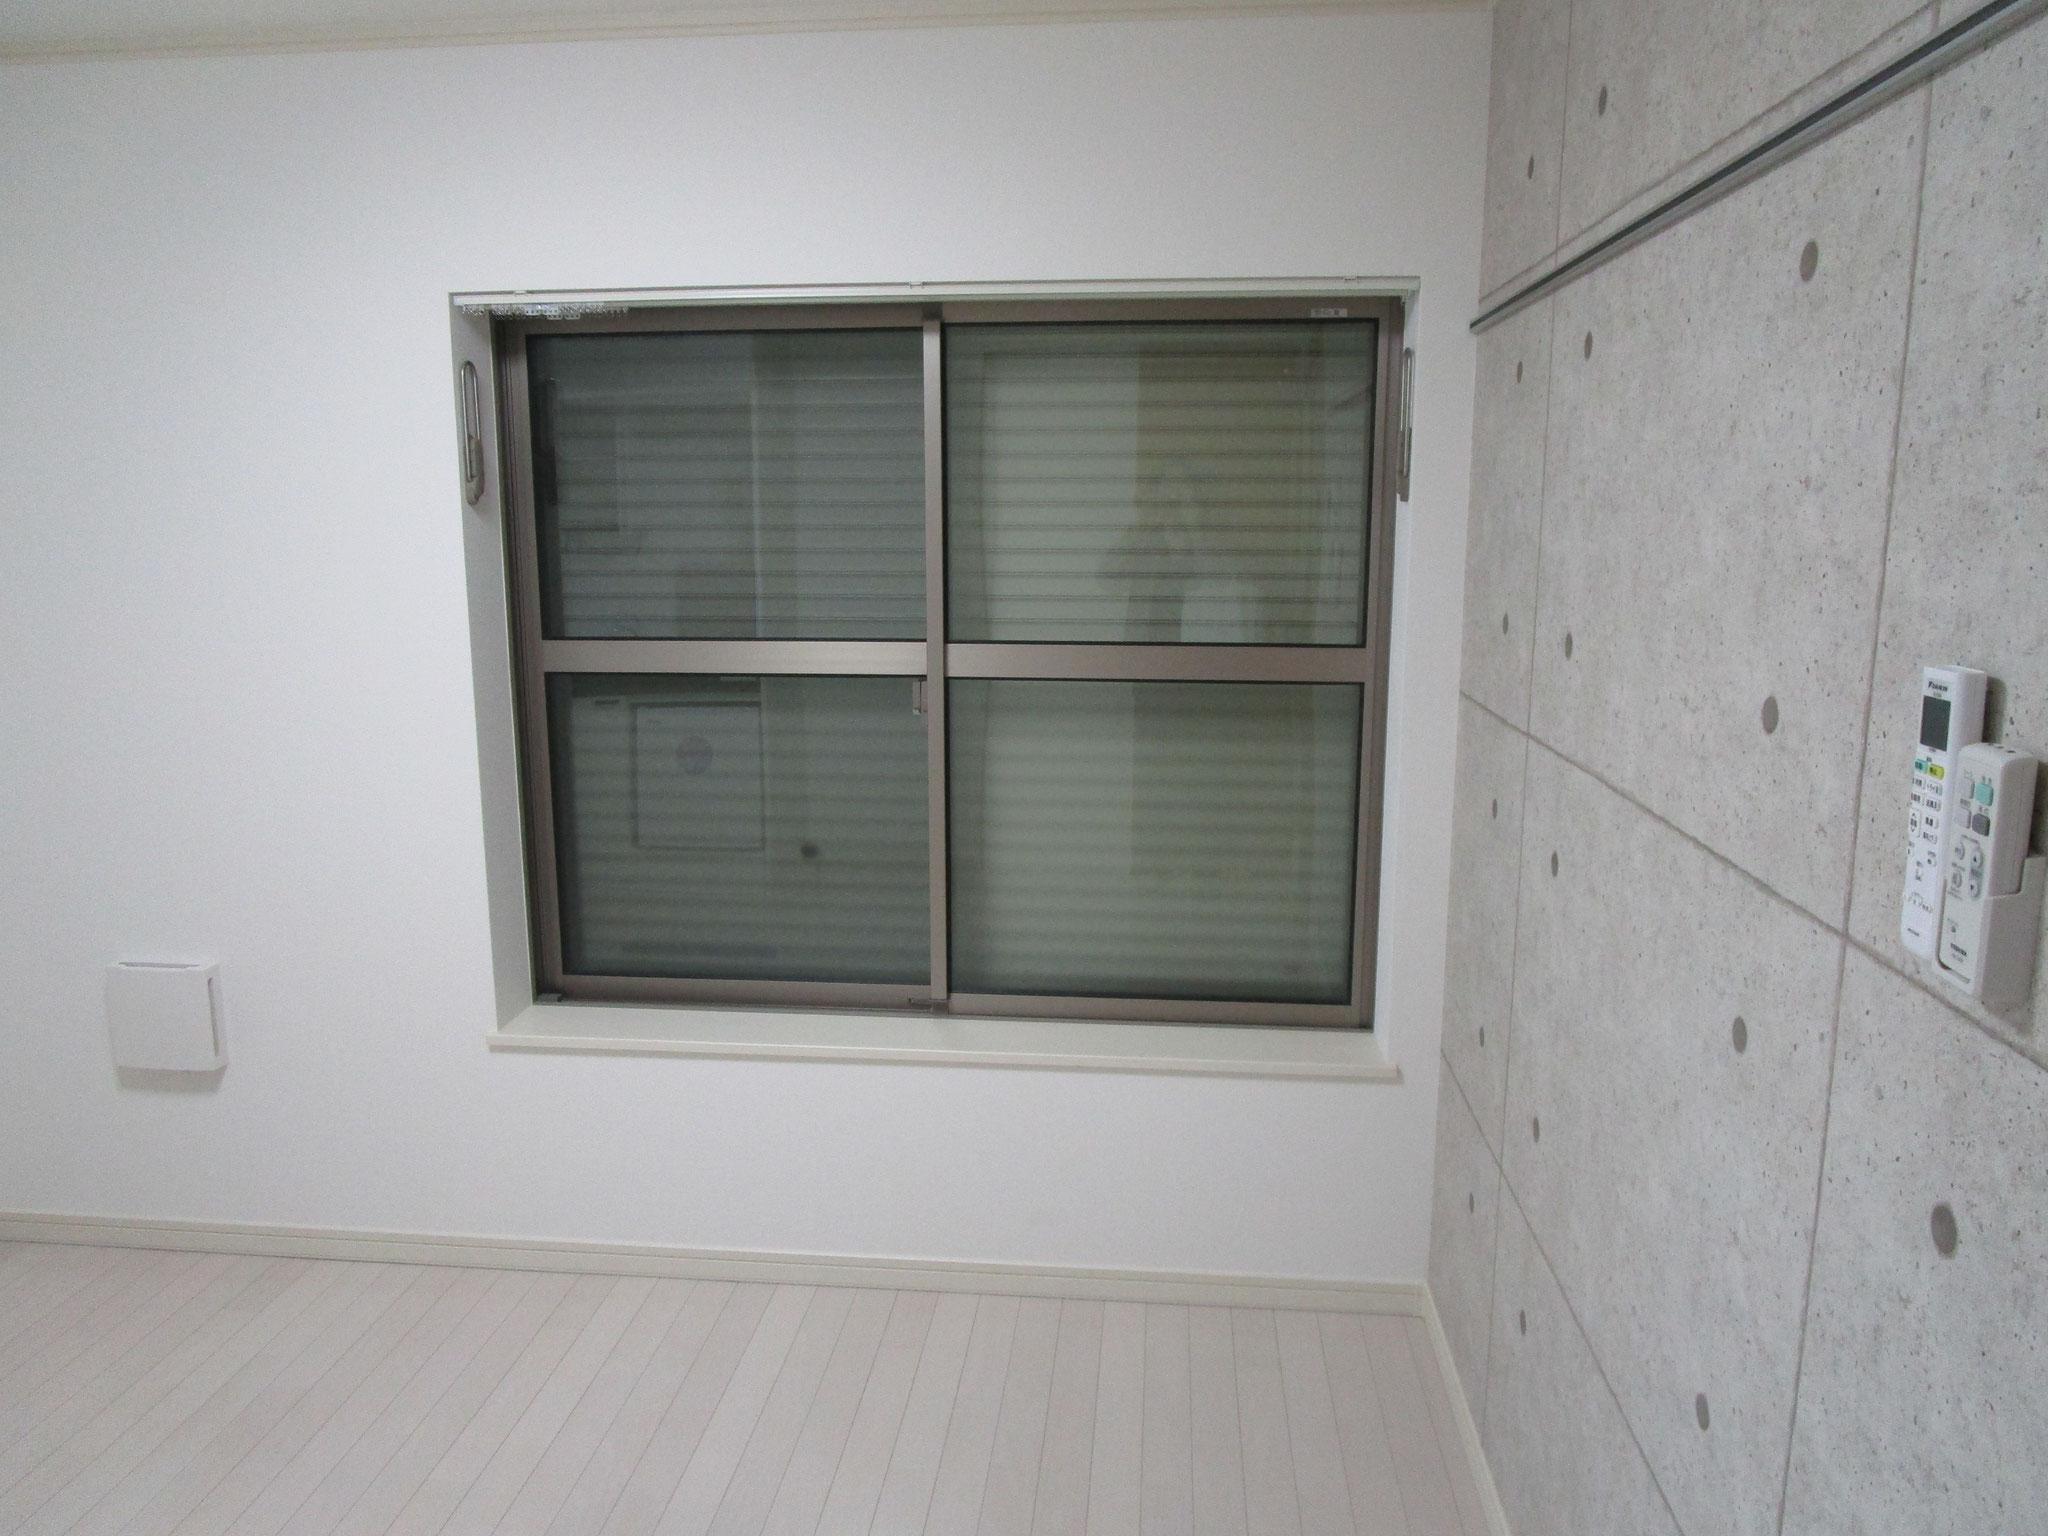 大きな窓です。開閉し易いシャッター付き